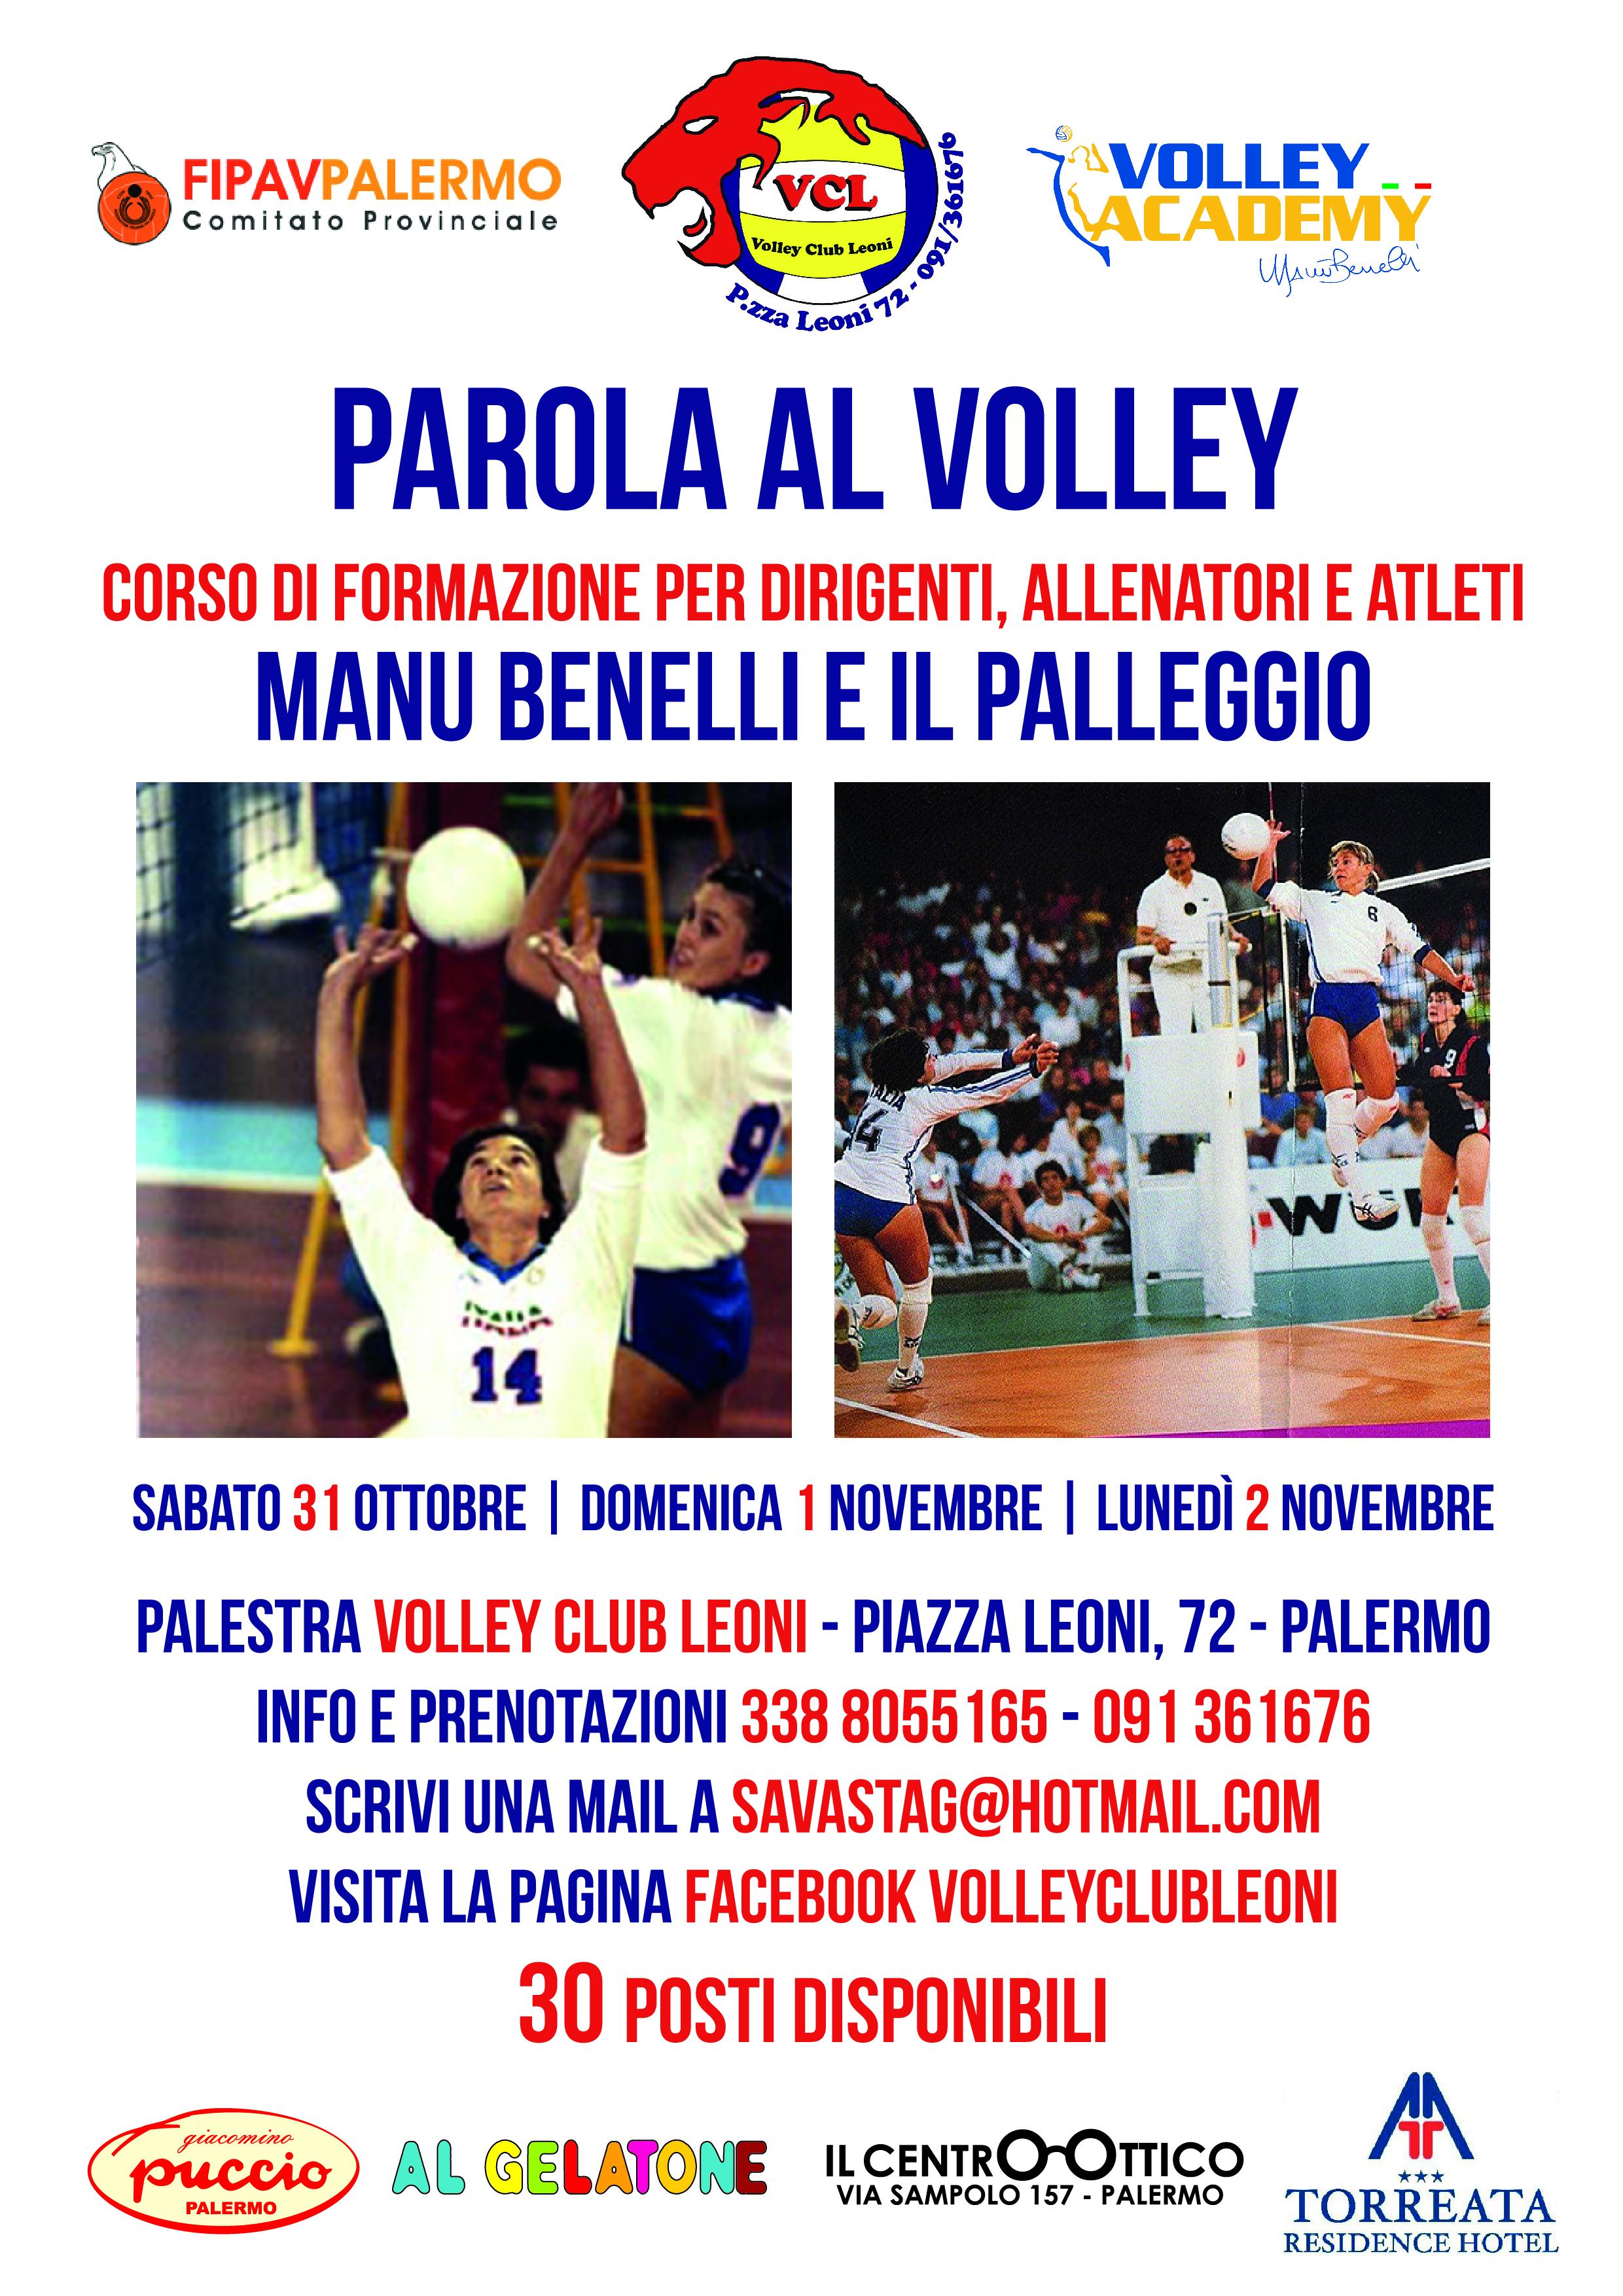 PAROLA AL VOLLEY | Tutti a scuola da Manu Benelli